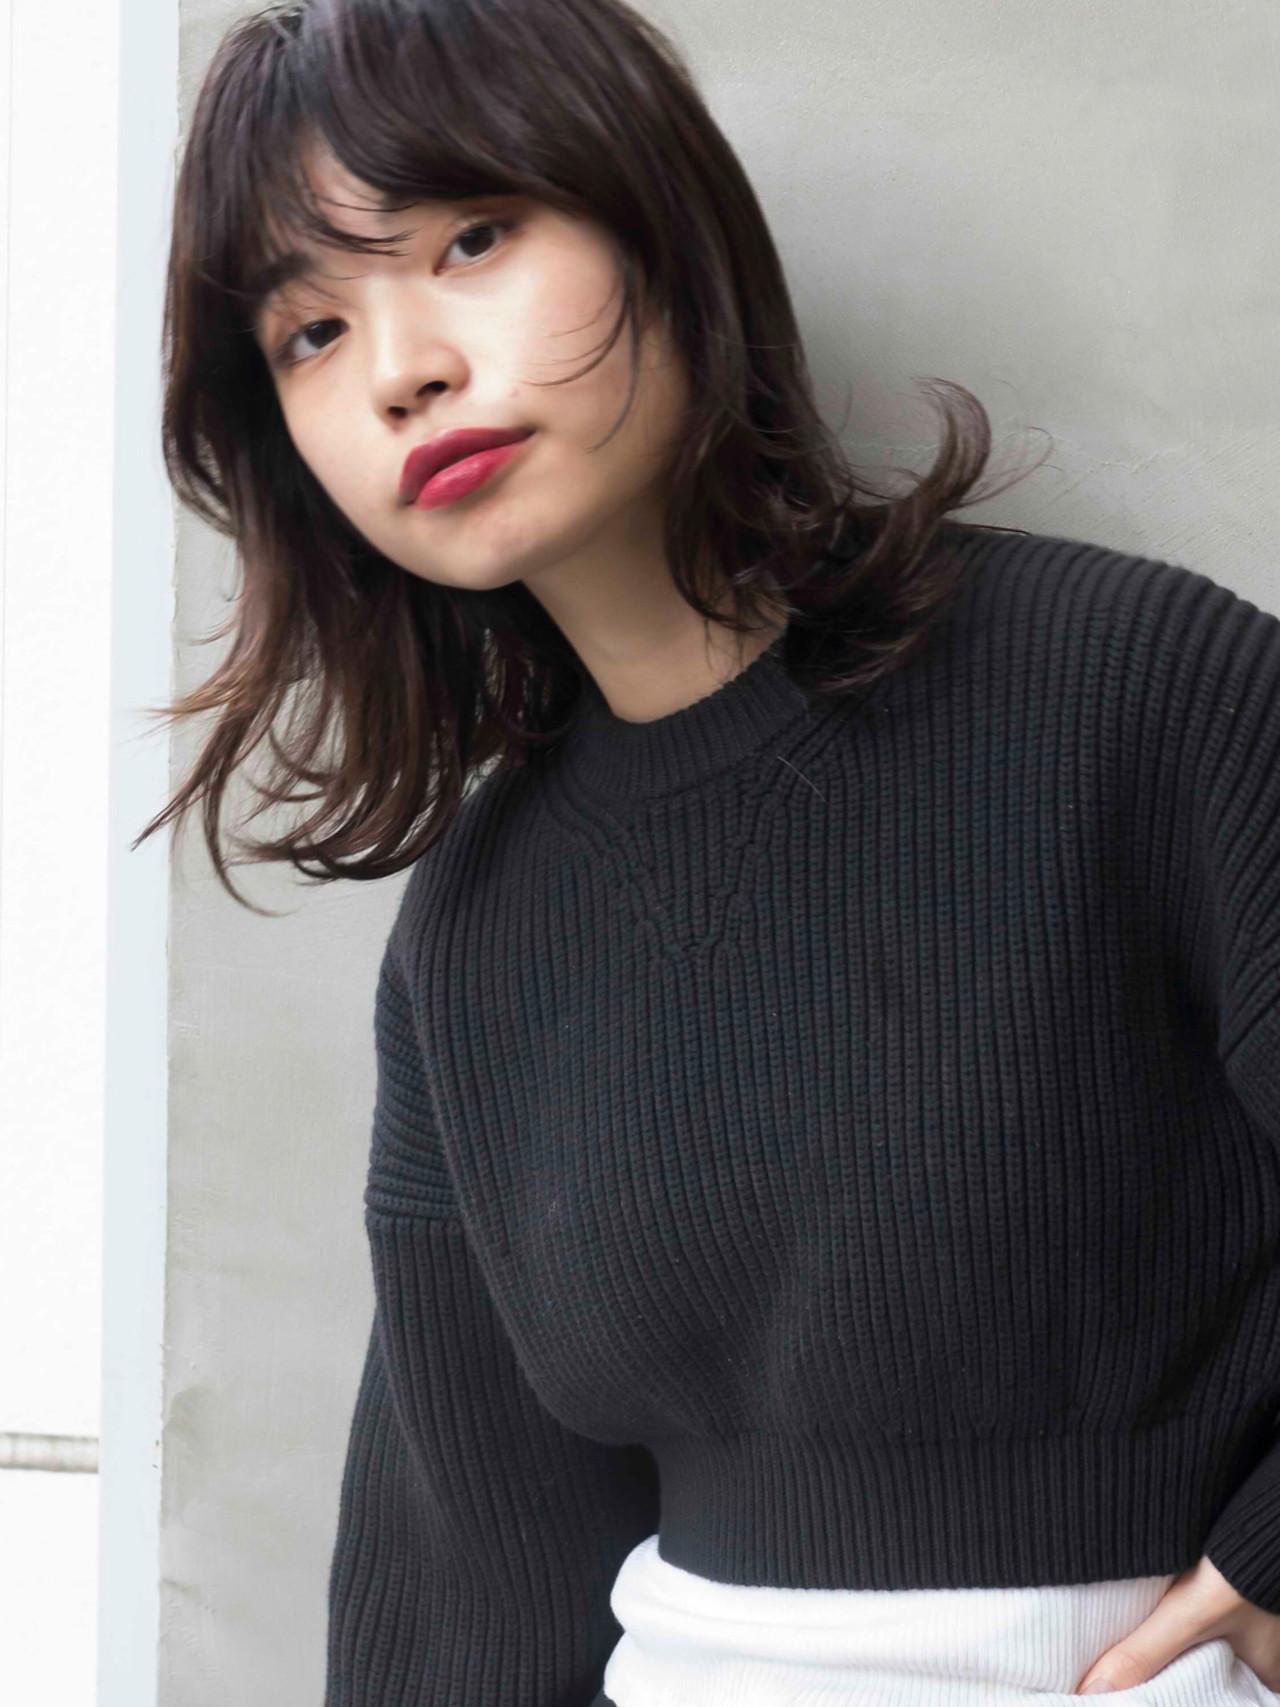 ウルフカット マッシュウルフ セミロング モード ヘアスタイルや髪型の写真・画像 | YORK / SUN(サン)渋谷